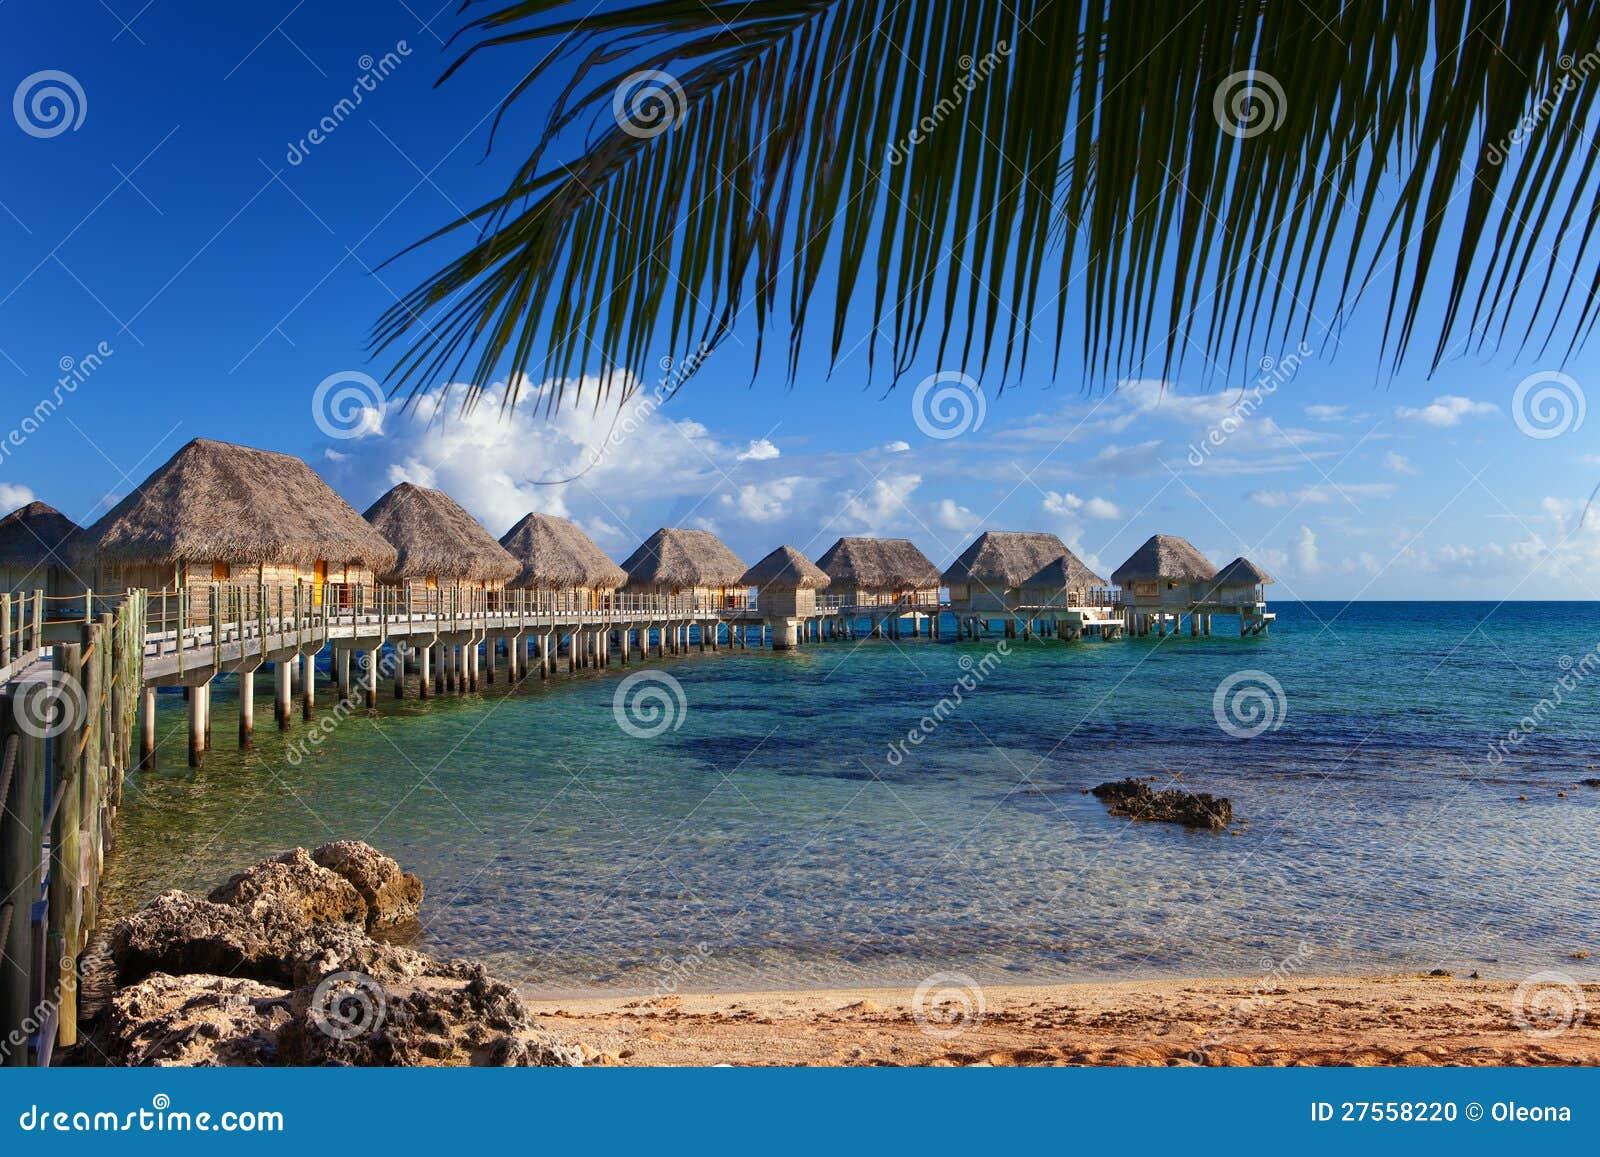 Drzewka palmowe i mali domy na wodzie